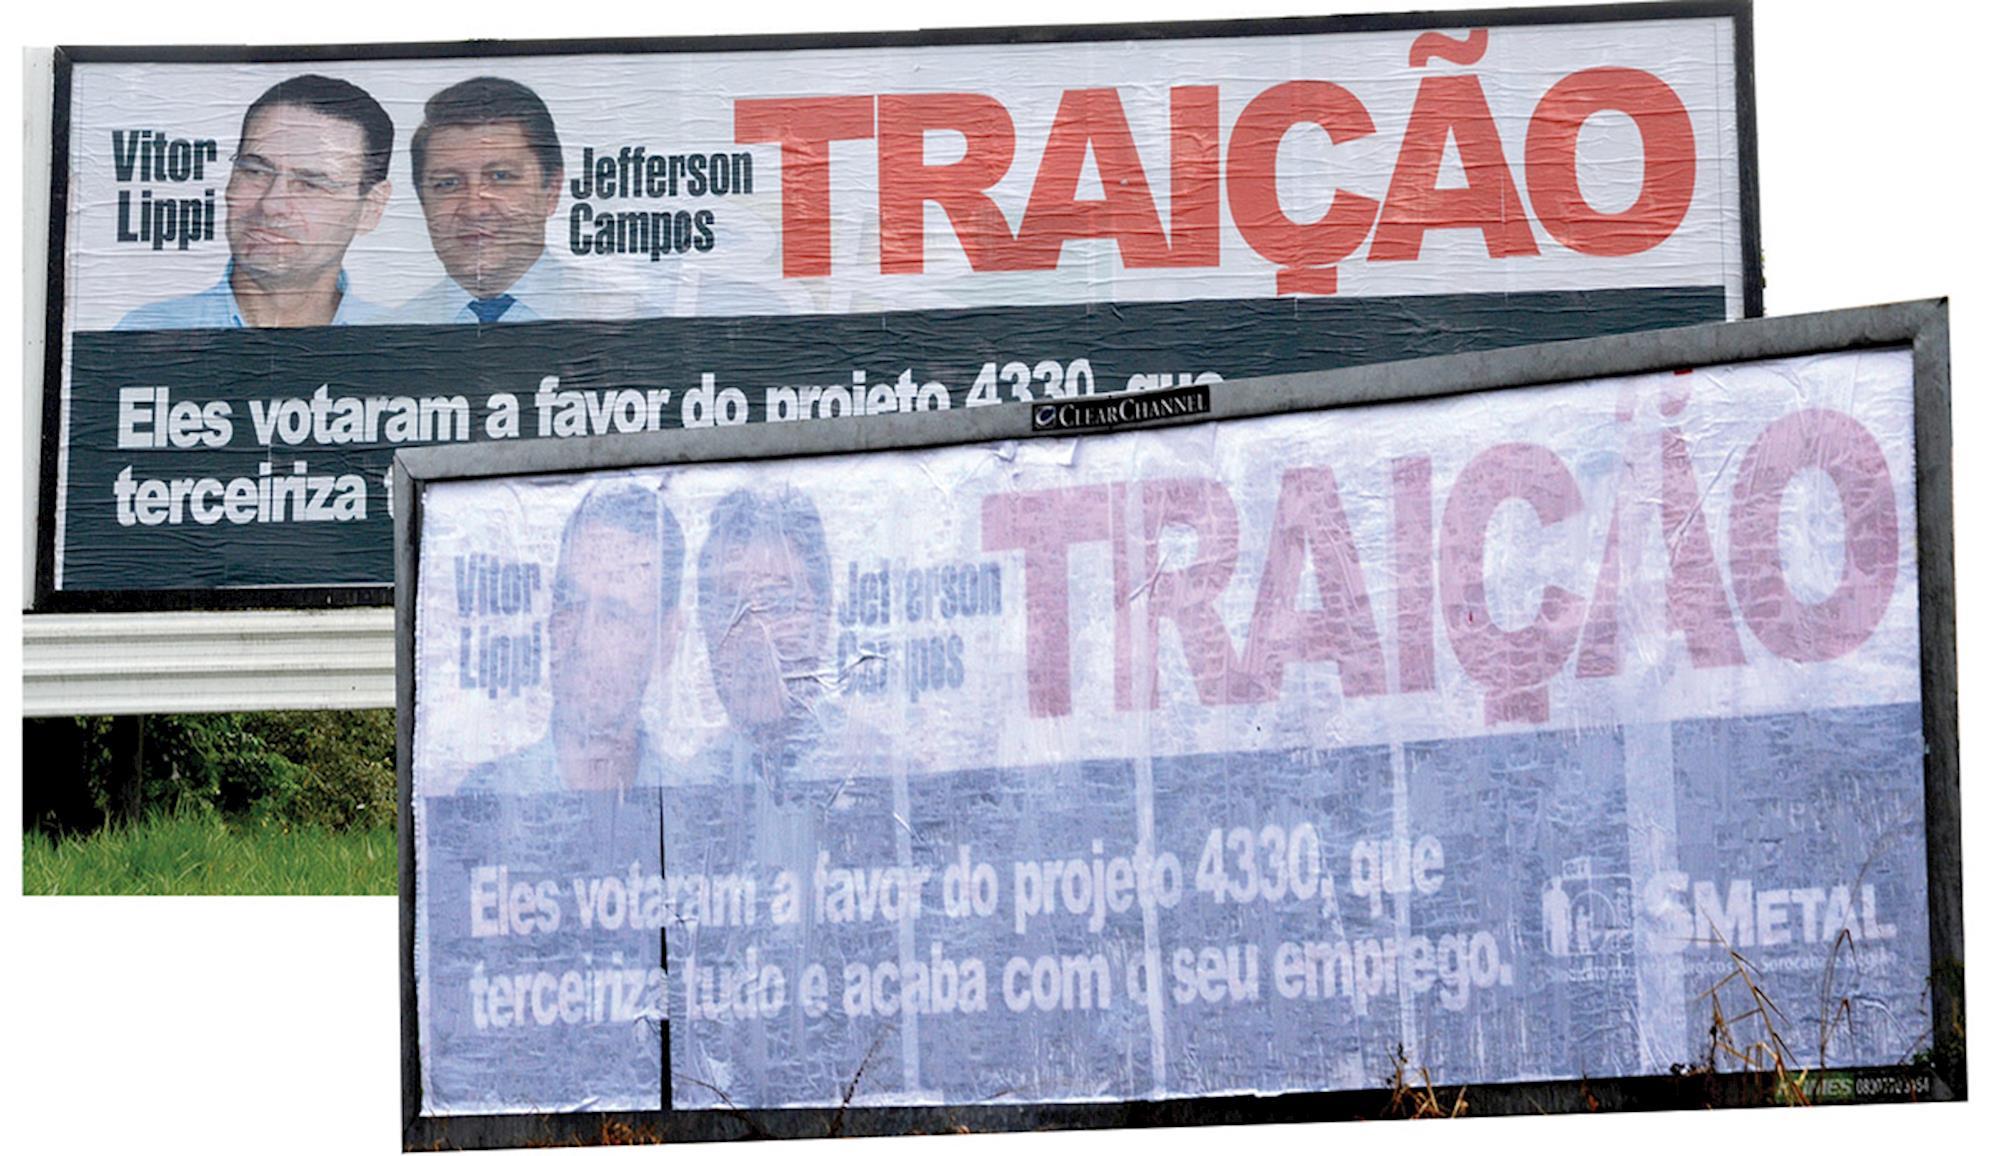 859, imprensa, outdoors, censurado, sindicato,, Foguinho/Imprensa SMetal